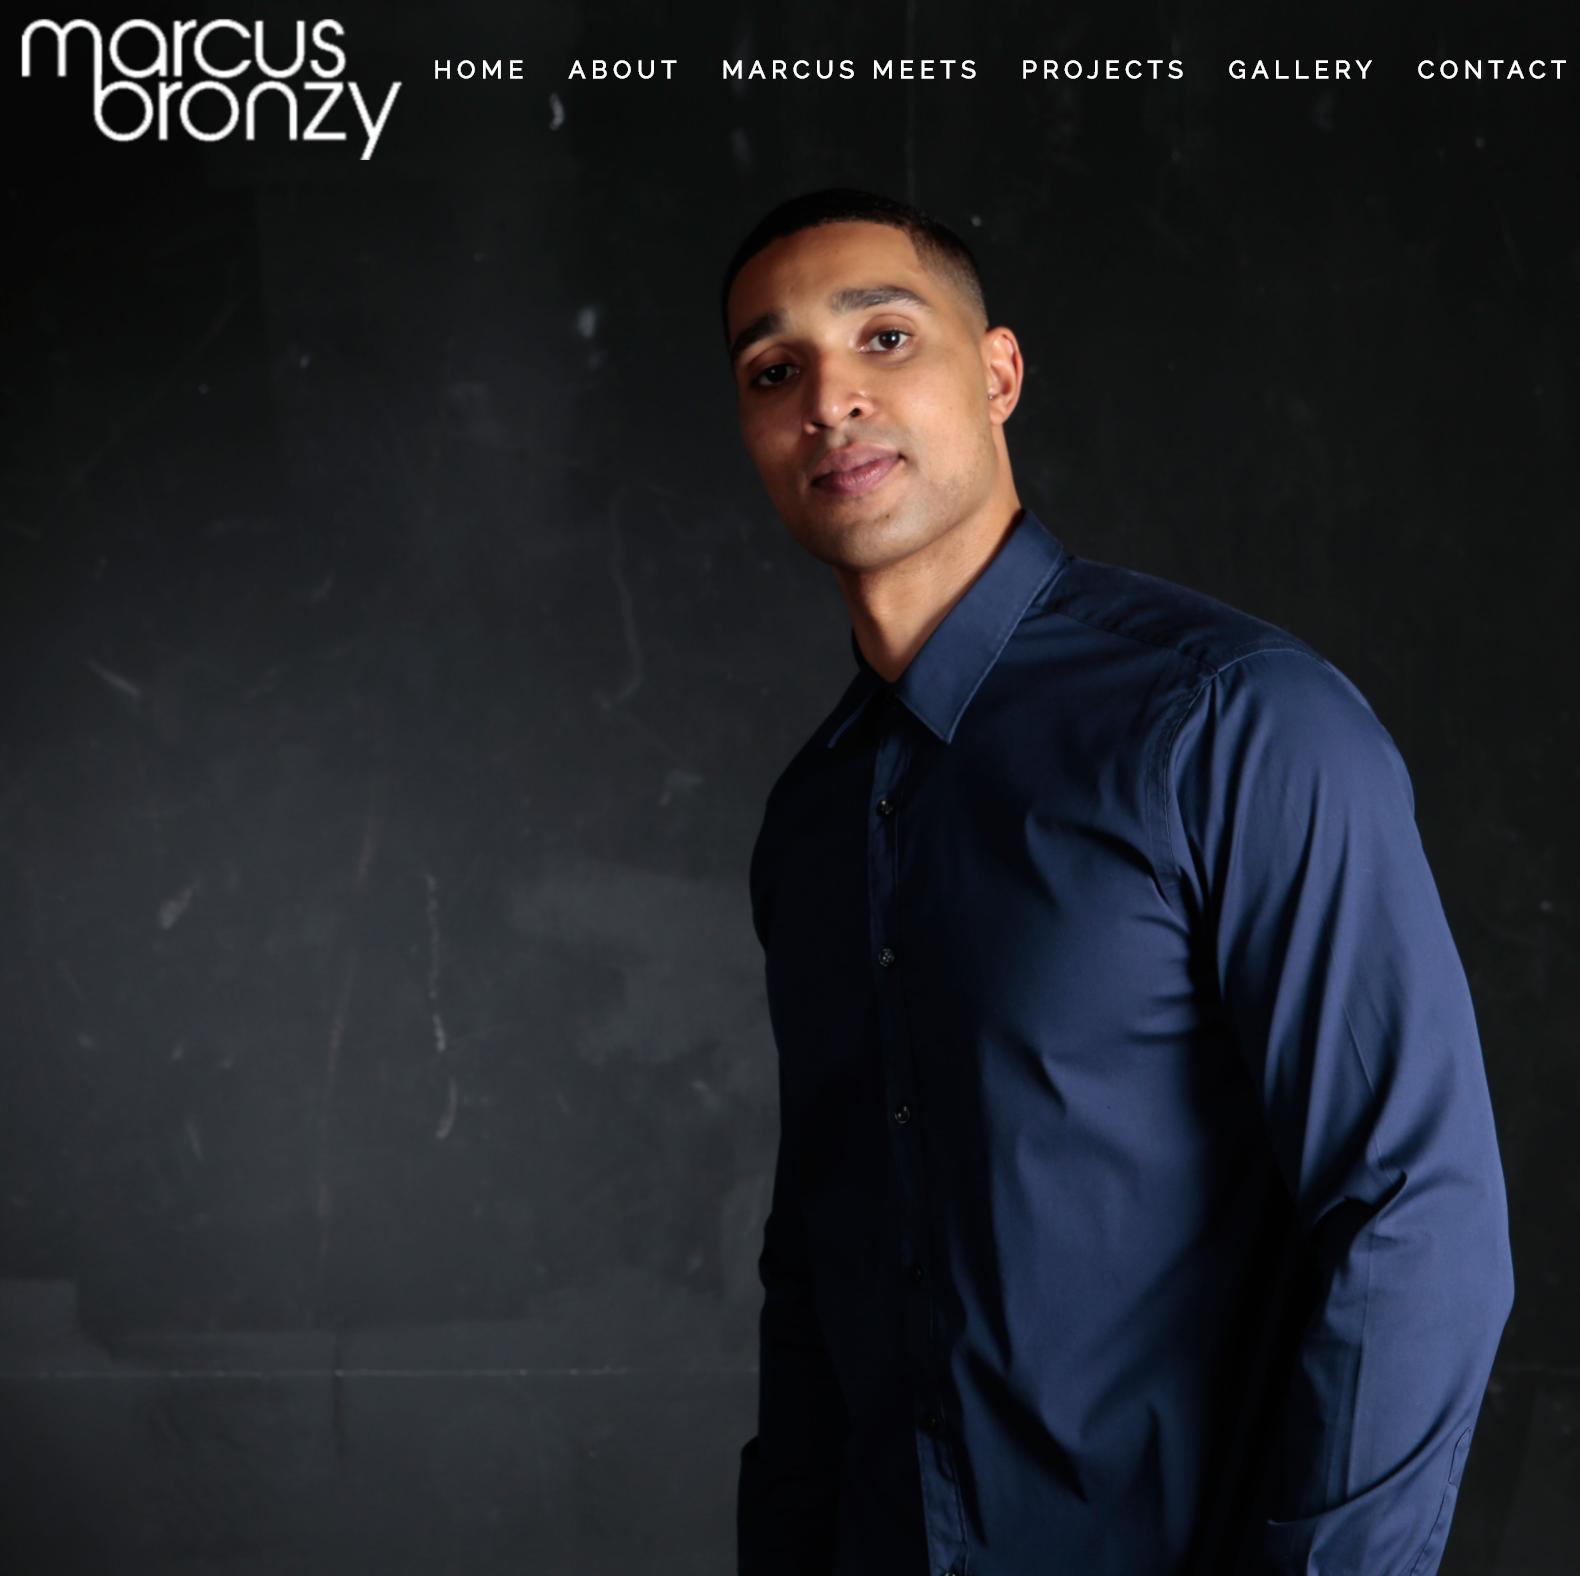 Marcus Bronzy website overhaul